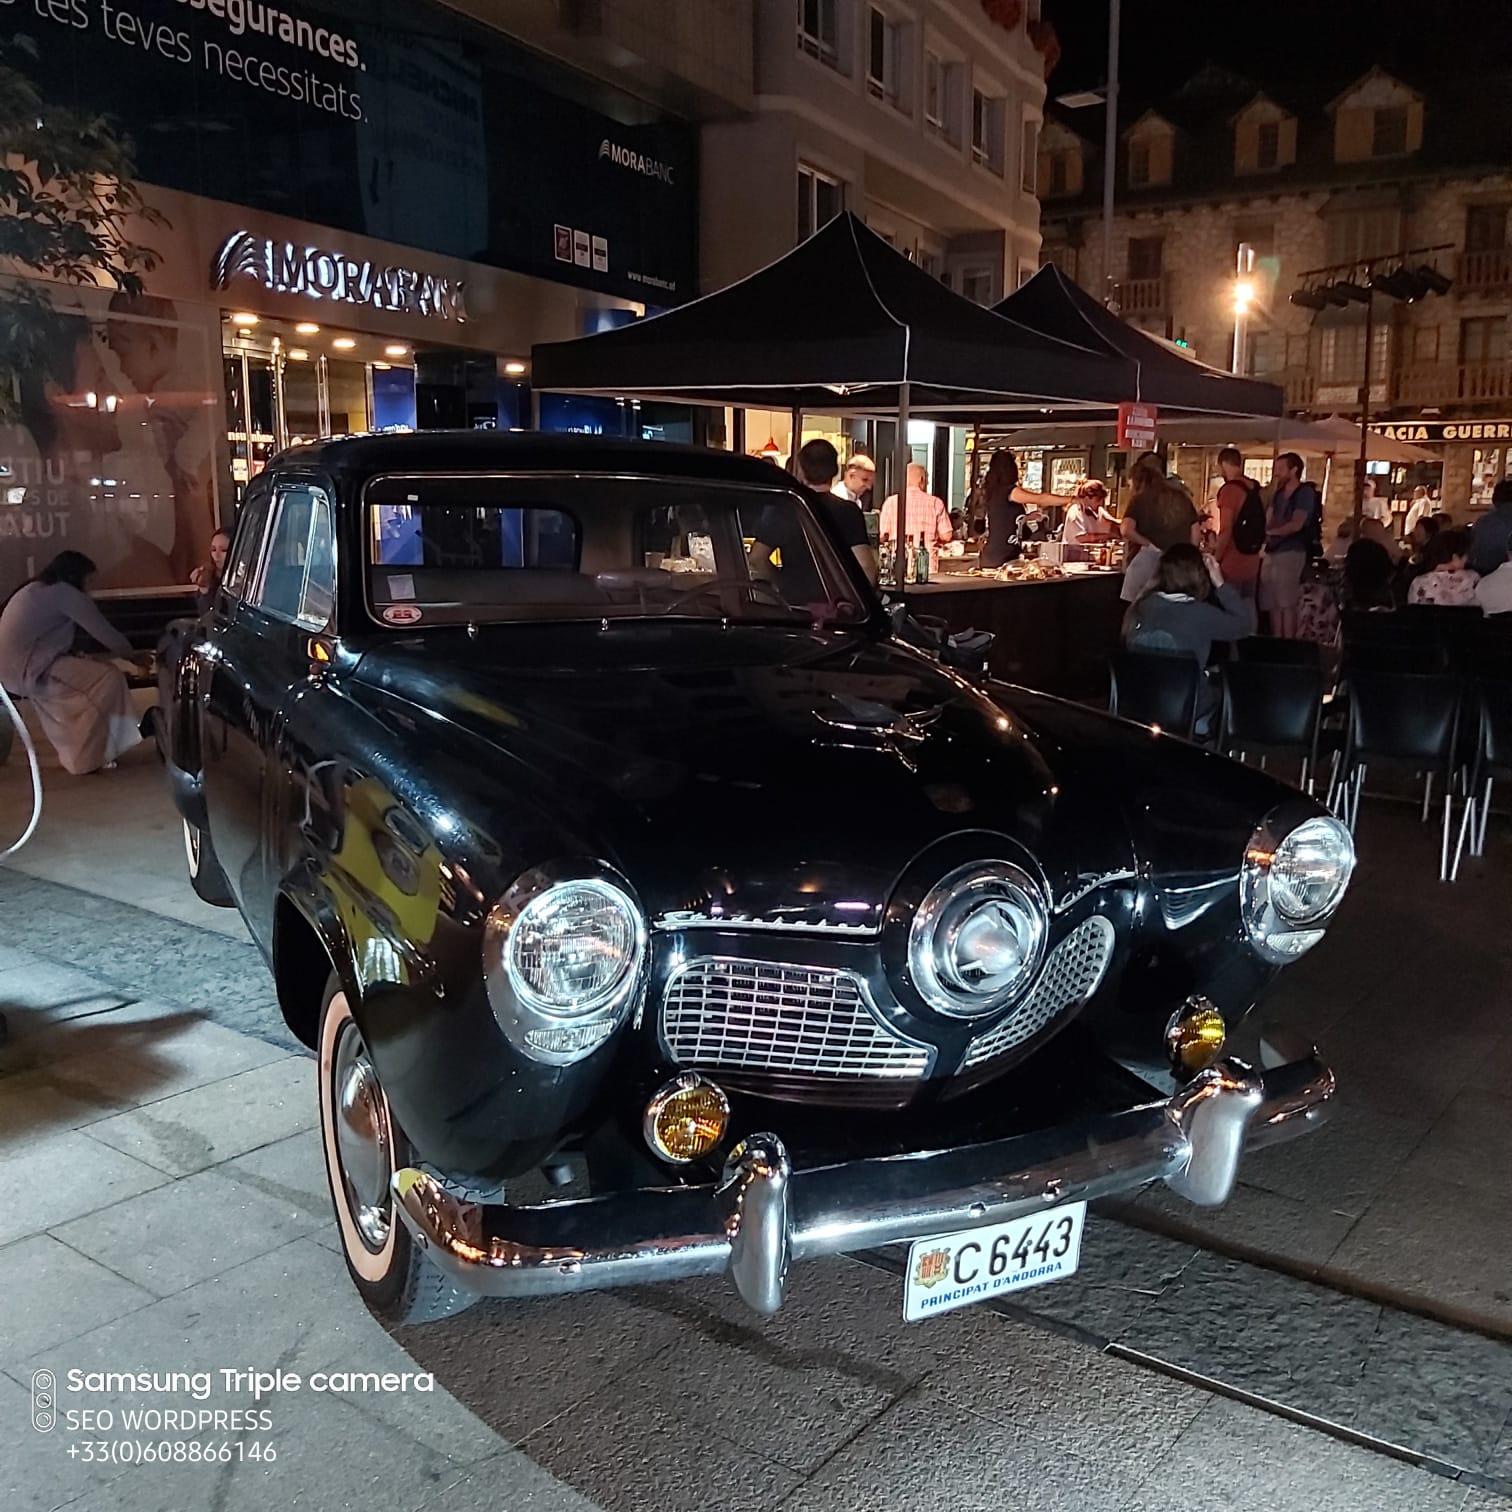 Nit a Detroit i el grup Think plaça Coprínceps Escaldes Engordany Colors de Música Andorra. Detroit ciutat famosa per ser el bressol de la indústria automobilística d'Estats Units i per forjar un dels sons més potents de la música del segle XX sota el segell Motown: el soul i el R&B. Gastronòmicament, Detroit és un paradigma de la típica cuina estatunidenca dominada per les hamburgueses, hot dogs, pollastre fregit, dolços i refrescos. De fet, la recepta més característica de la ciutat és el Coney Island hot dog. Detroit va veure el naixement artístic de laReina del soul, sota el nom d'Aretha Franklin. Think,espectacle tribut a una de les millors veus del segle XX, rememorarà temes tan coneguts comRespect,Think,Natural Womani molts més que ompliran la plaça del millor soul i R&B. Sota la direcció musical de Toni Mena i la veu inconfusible de Rocio Anguè, una de les cantants més valorades de l'escena musical actual de Barcelona, i 10 professionals sobre l'escenari està garantit un espectacle d'impacte!